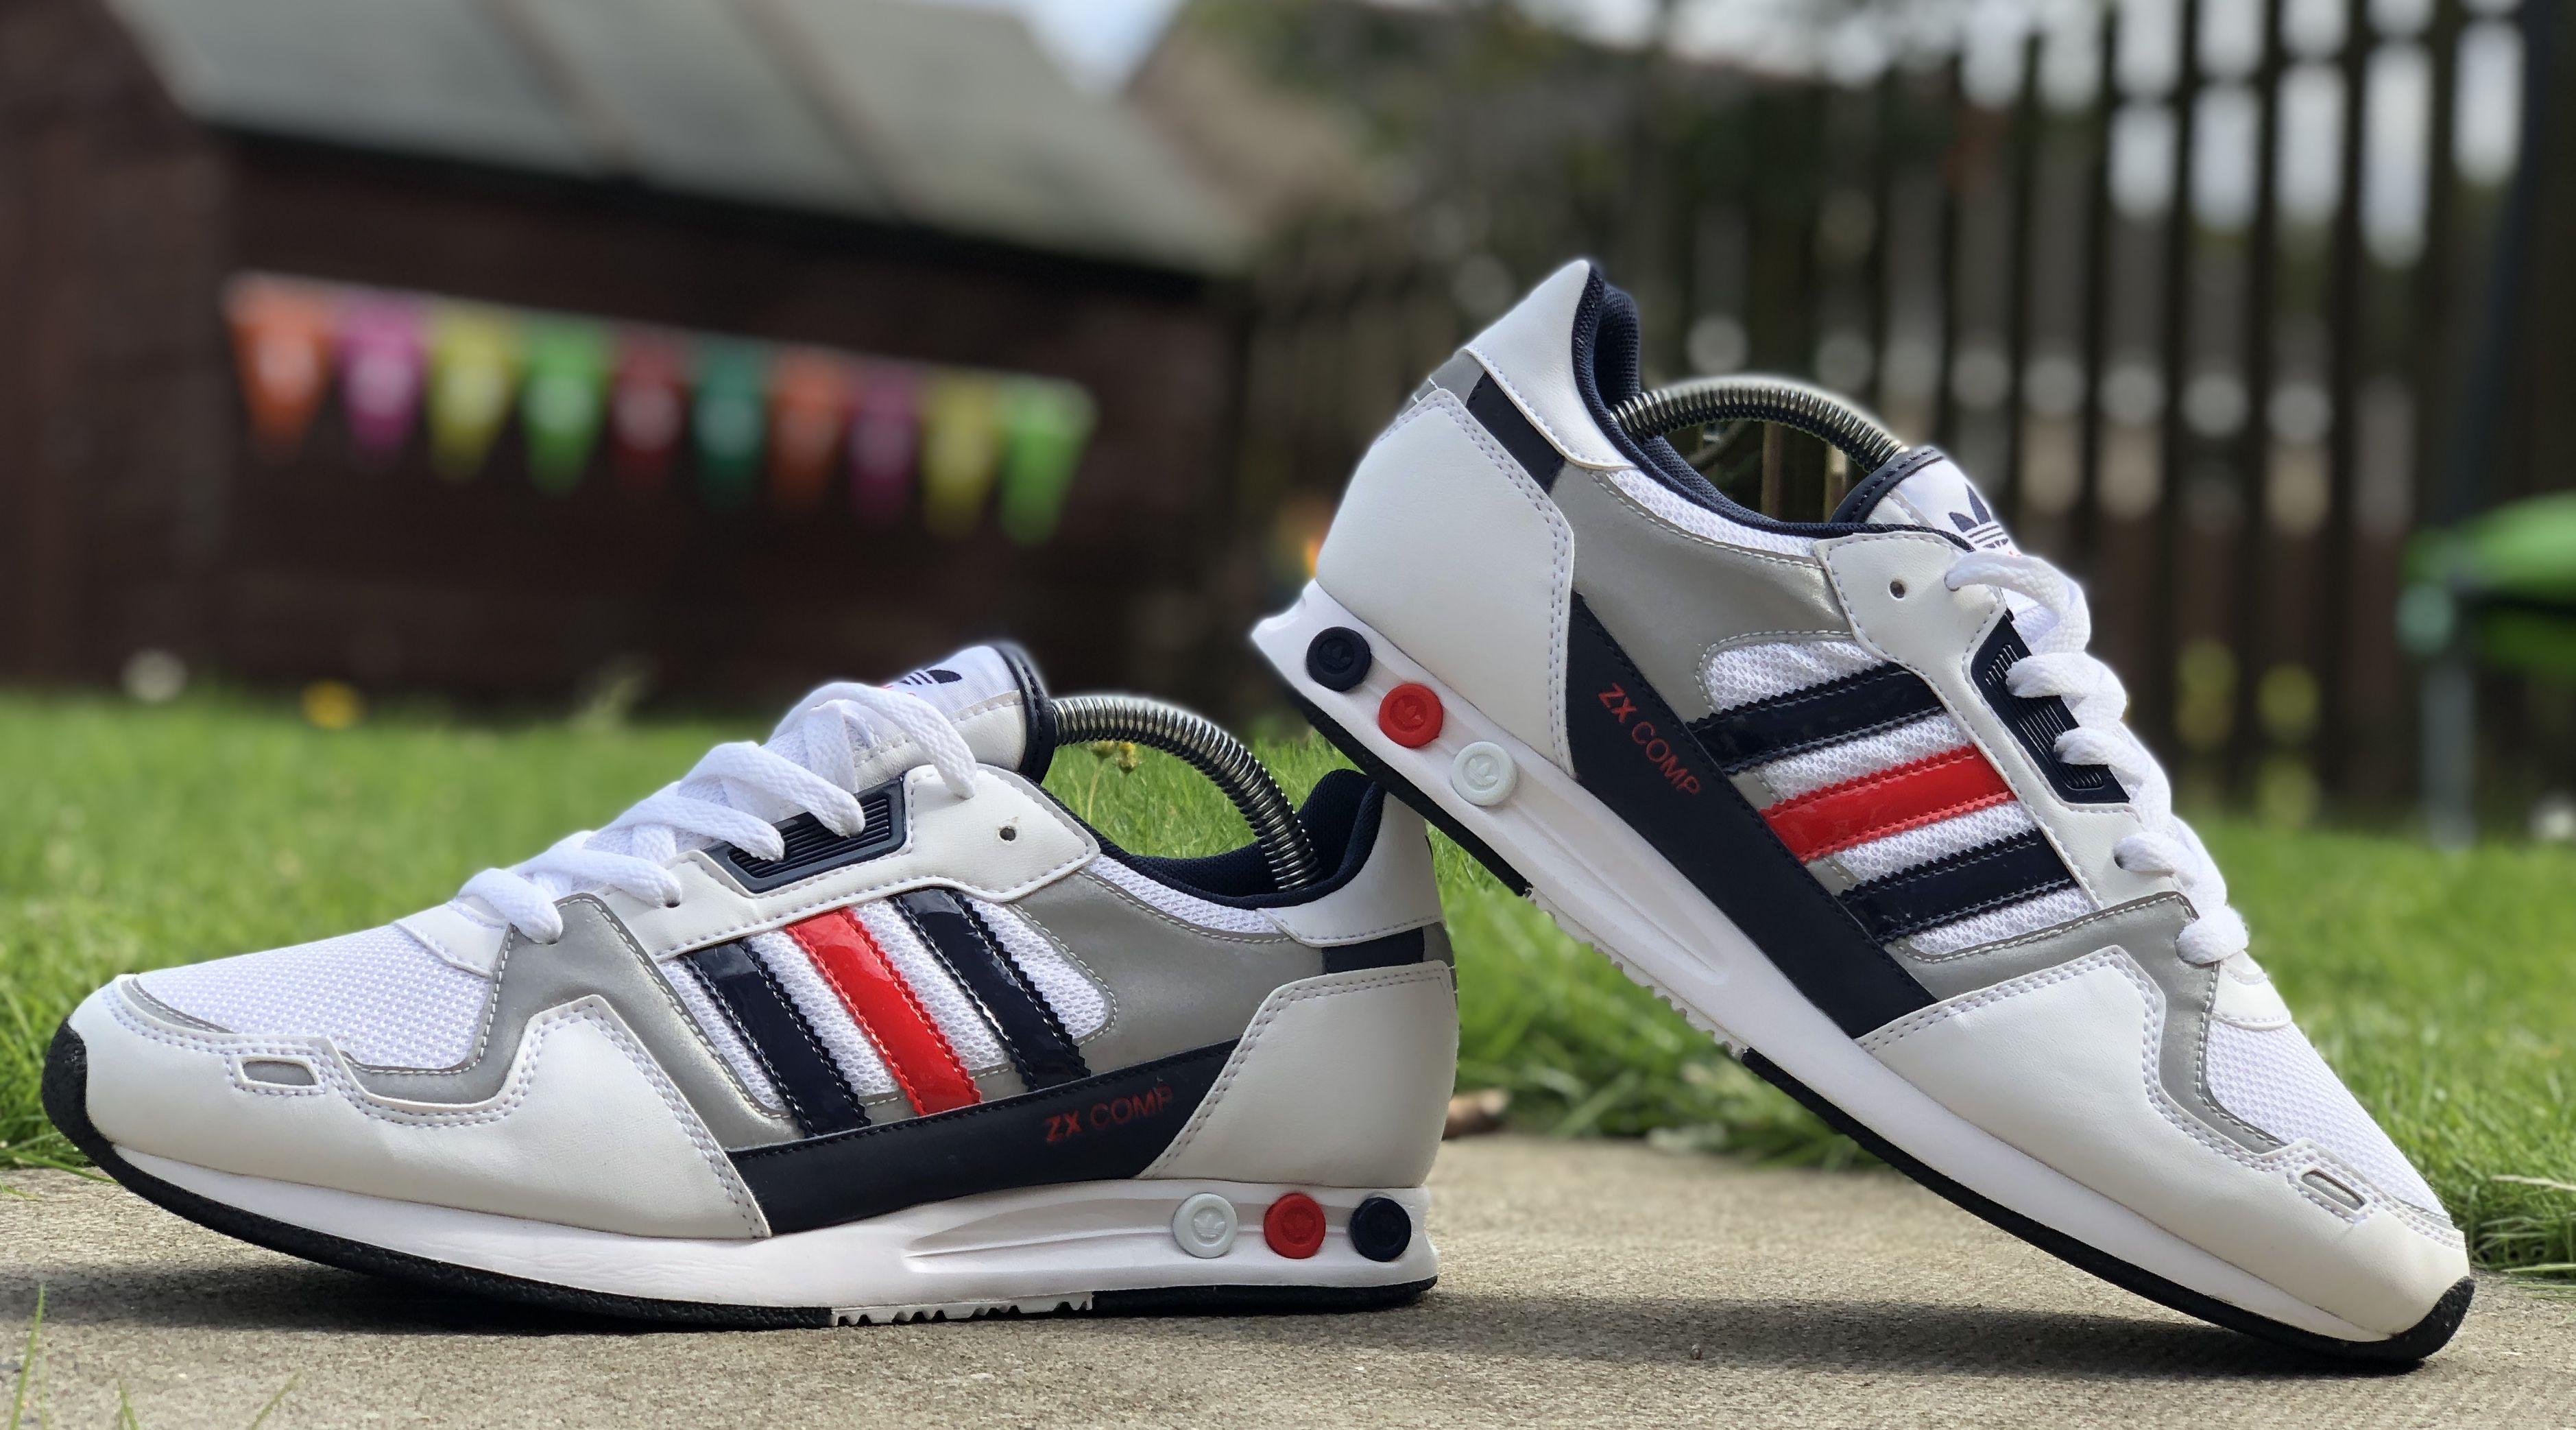 digestión Aspirar Sueño áspero  Adidas ZX Comp | Adidas zx, Adidas, Adidas sneakers